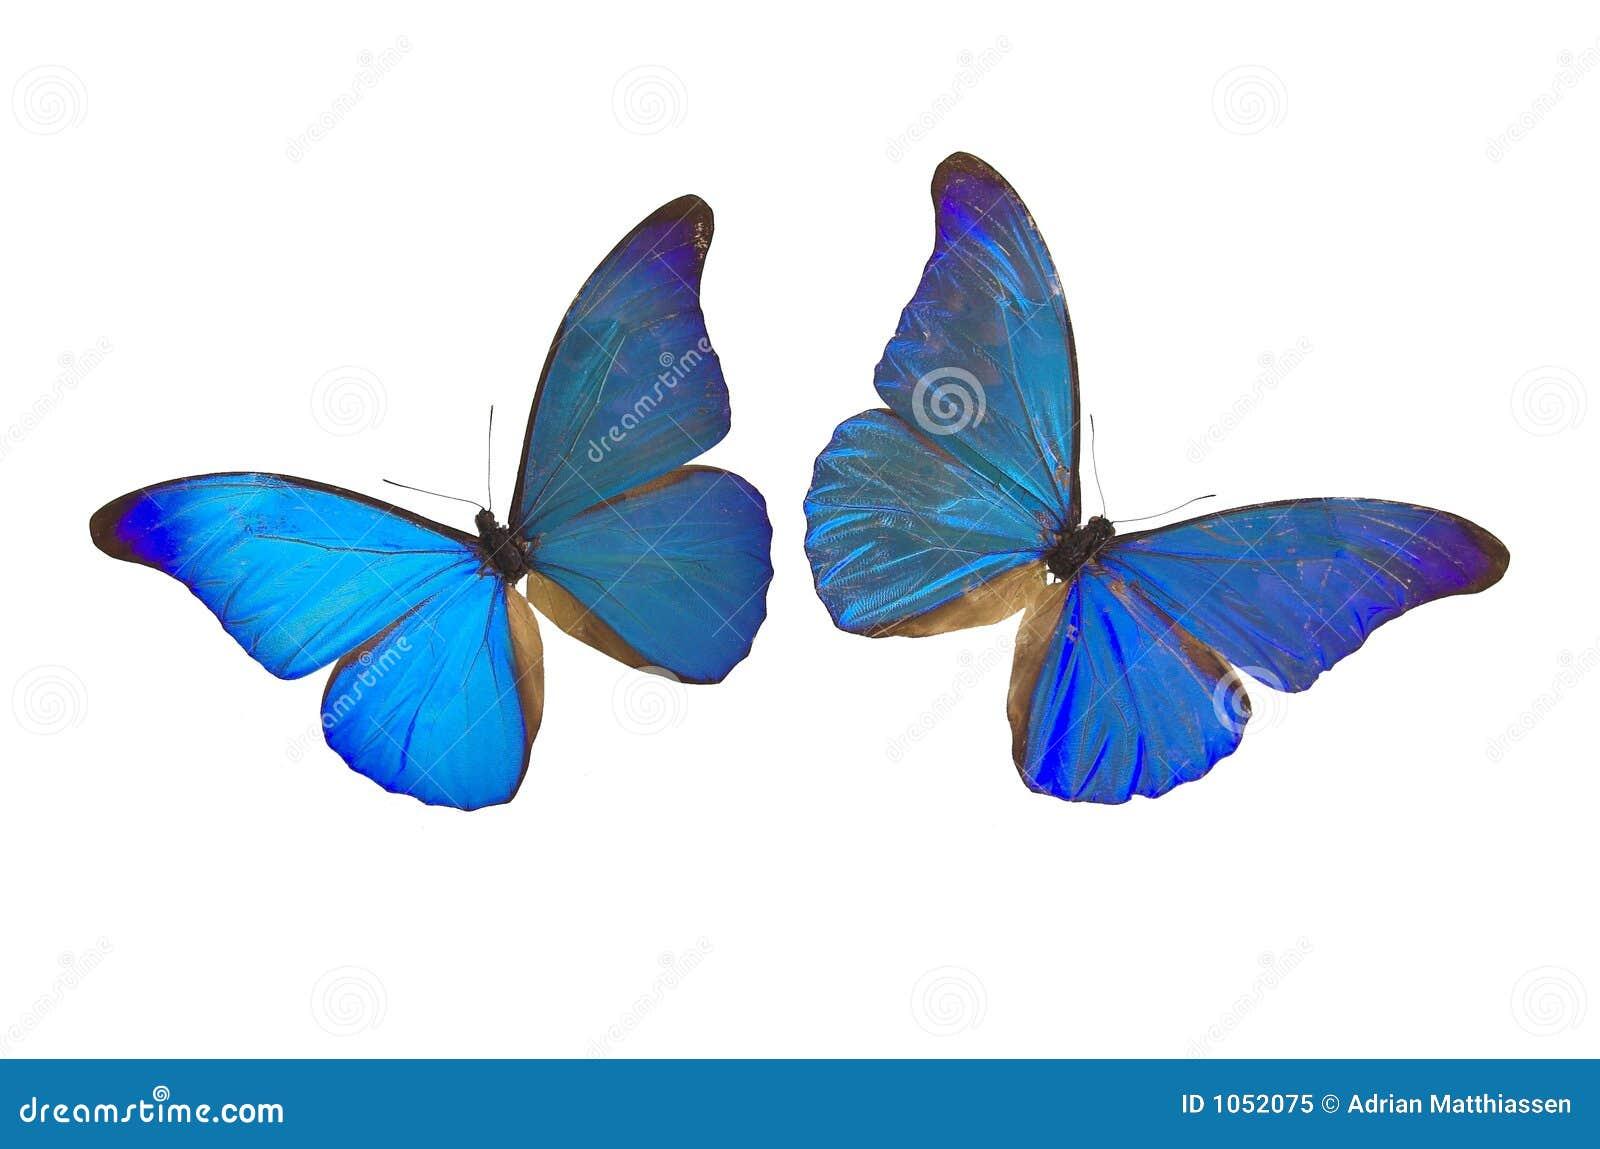 21 mooie kleurrijke vlinder - photo #8